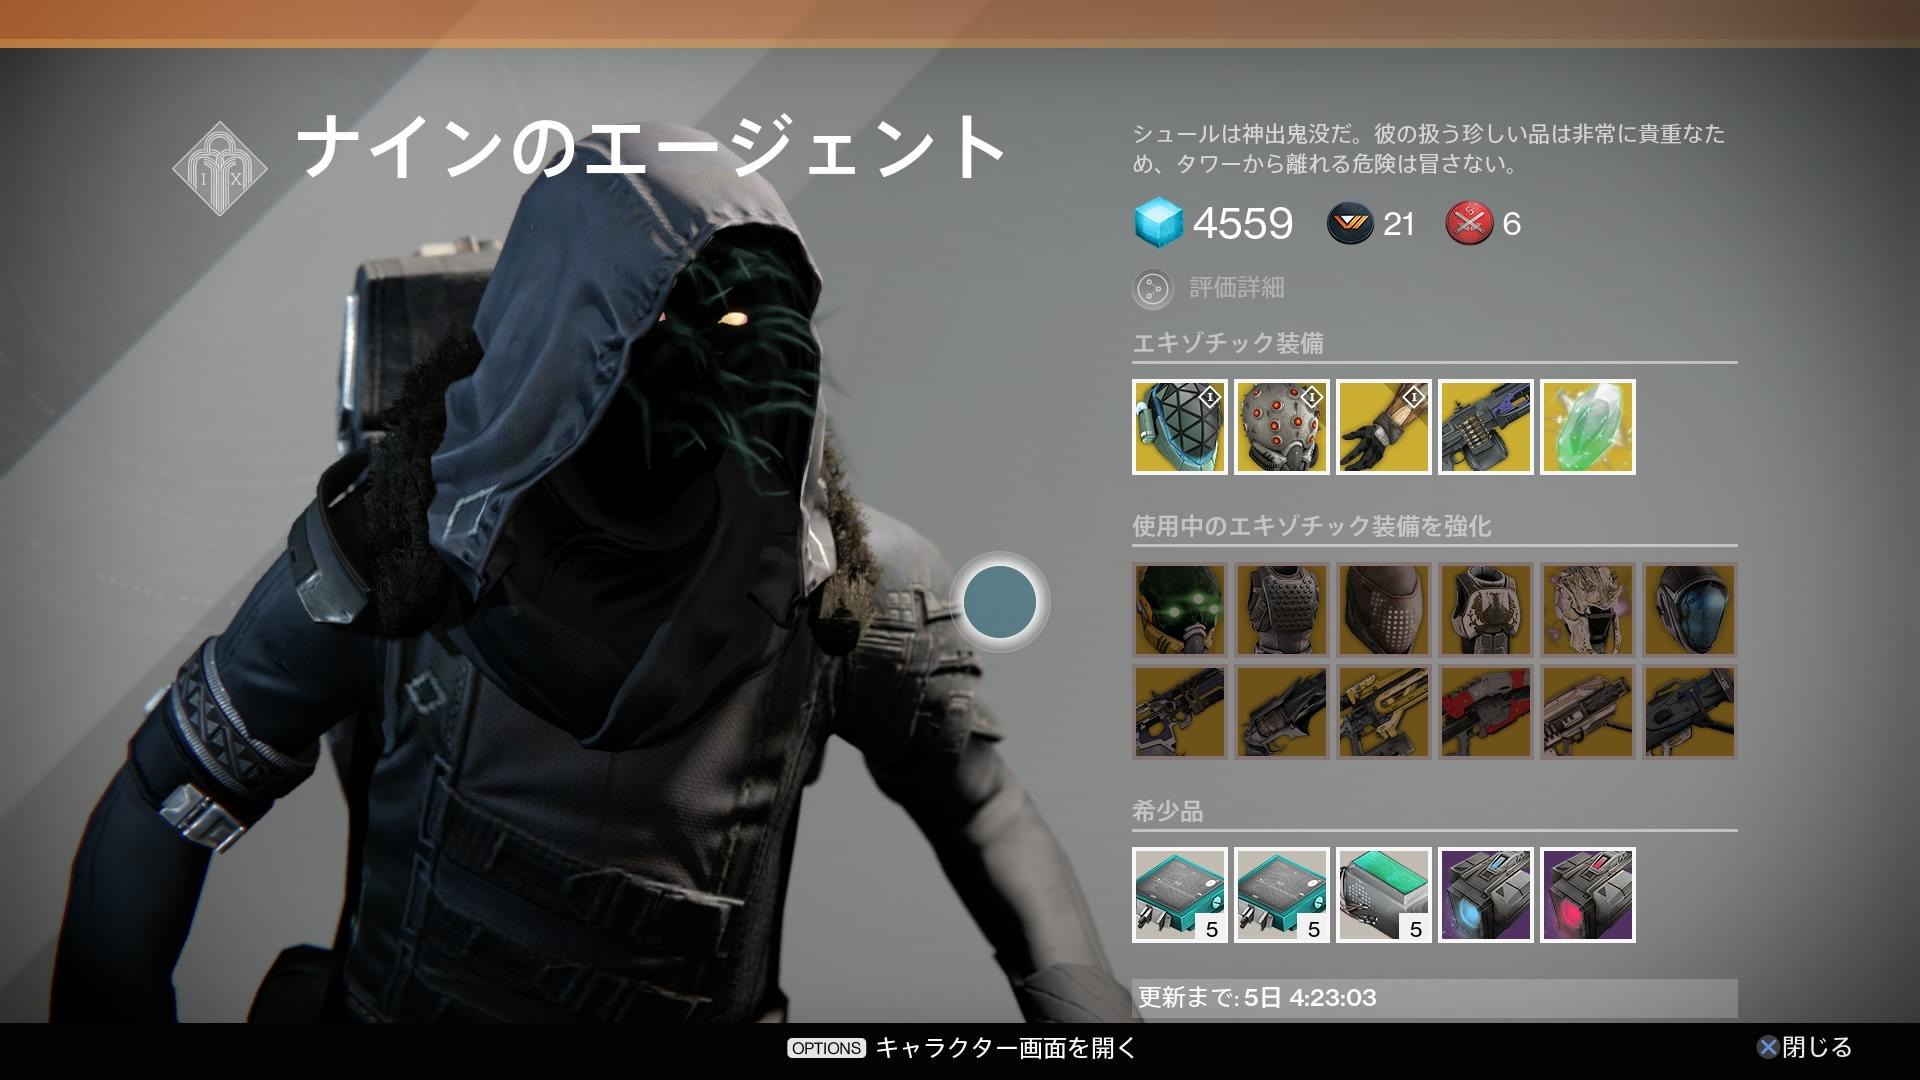 Destiny: Japanischer User hat dank Leak Xur korrekt vorhergesagt, macht weitere Prophezeiungen